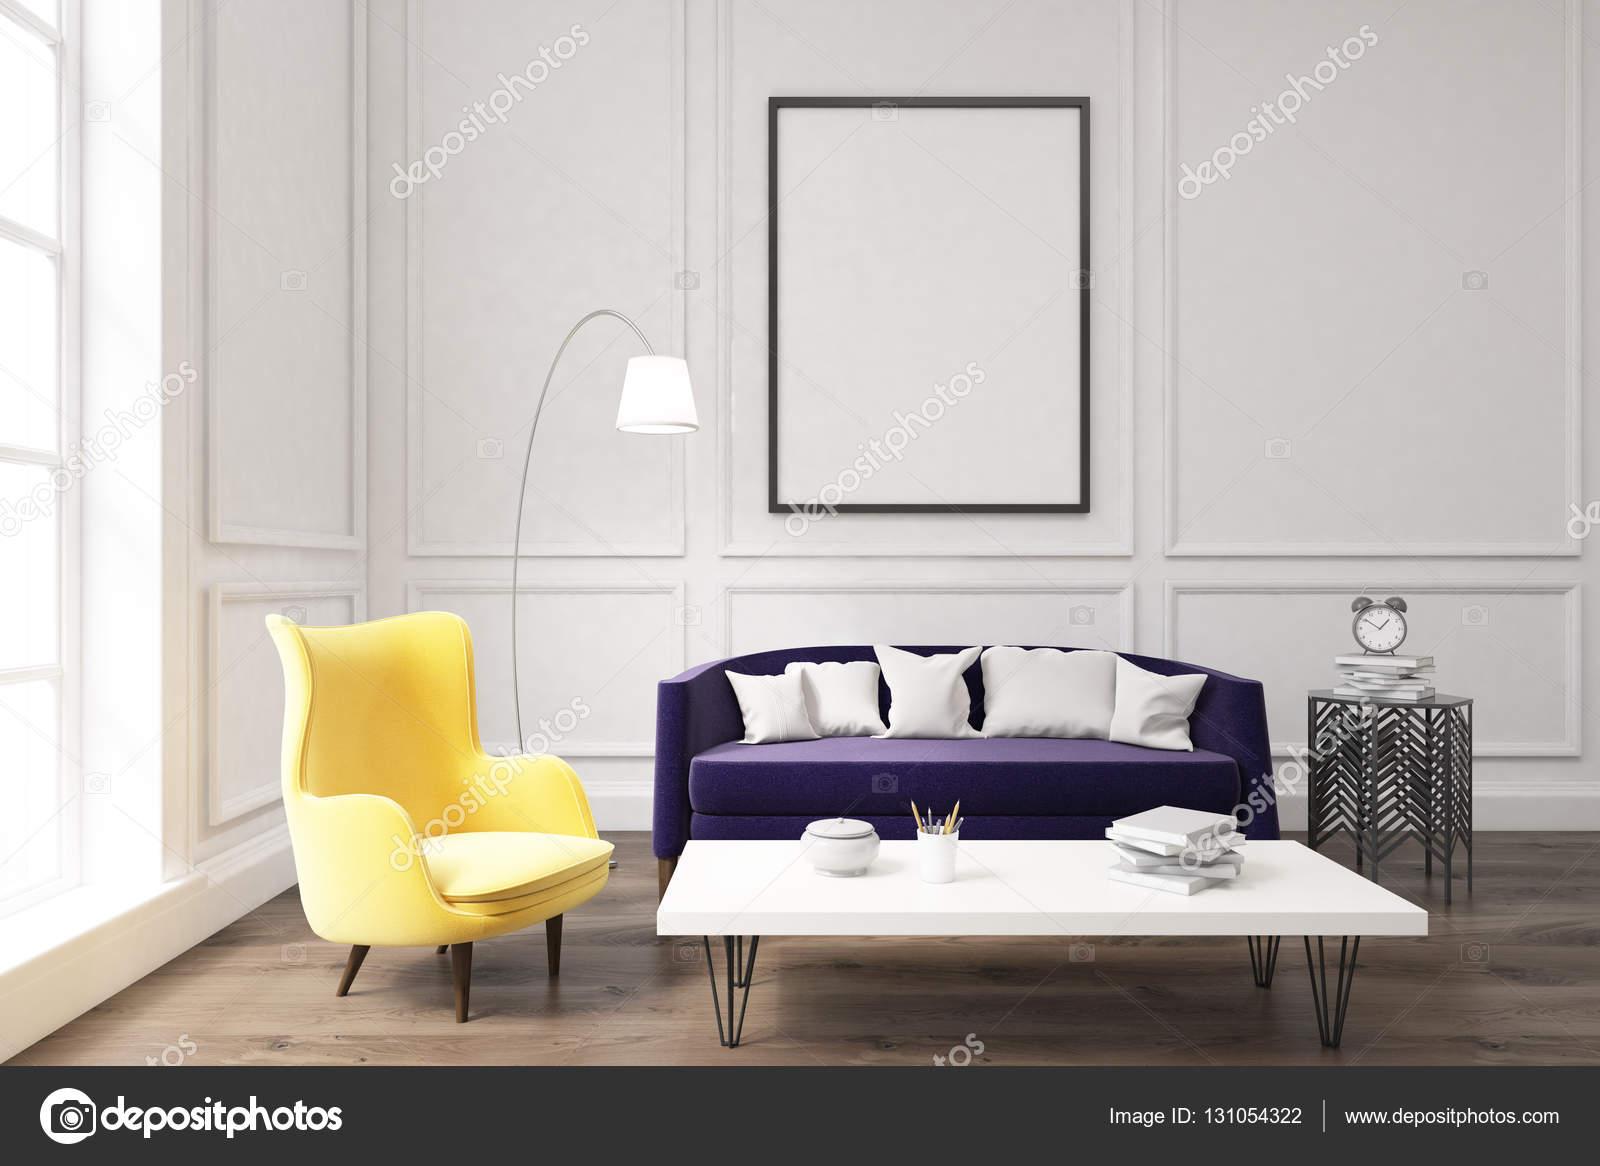 Paarse Decoratie Woonkamer : Woonkamer interieur met paarse bank u stockfoto denisismagilov